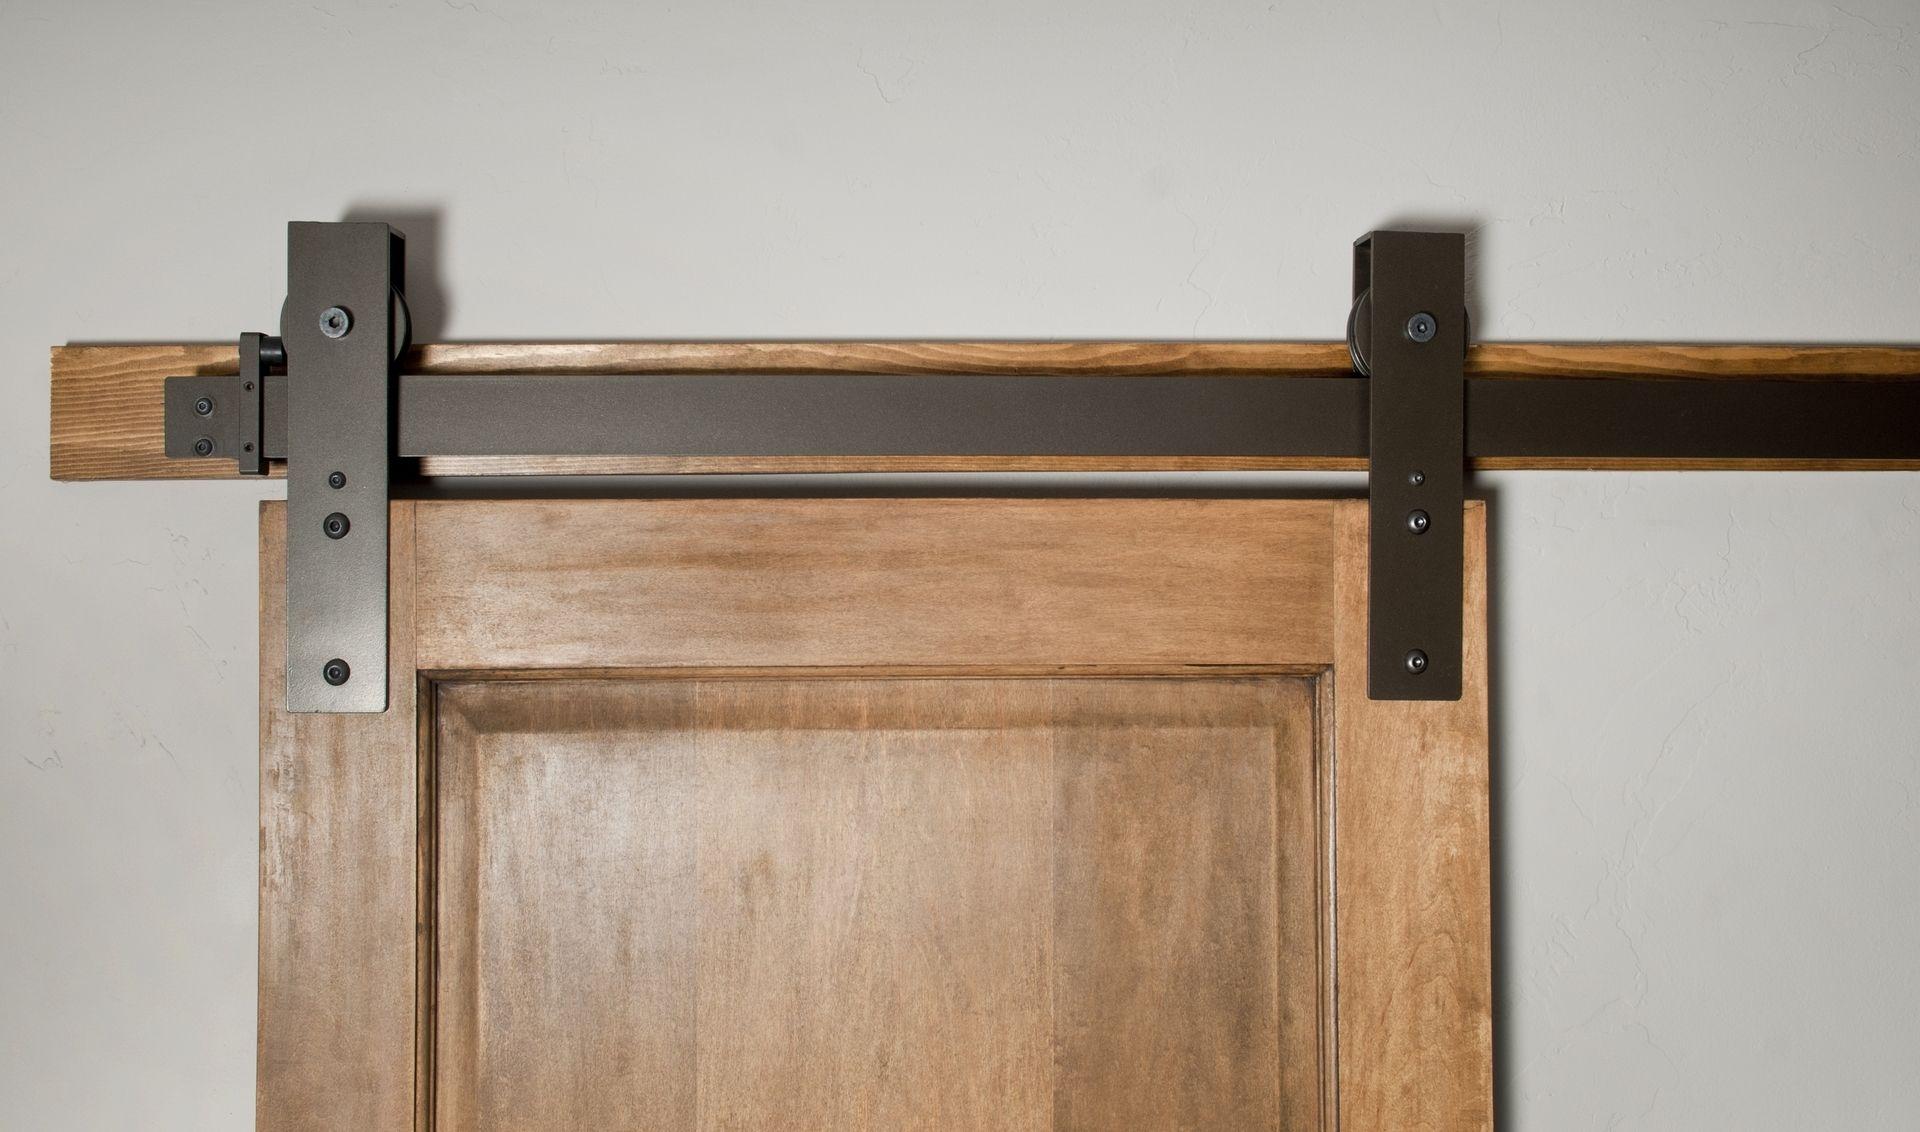 Hardware For Sliding Barn Doors Flat Track1920 X 1132